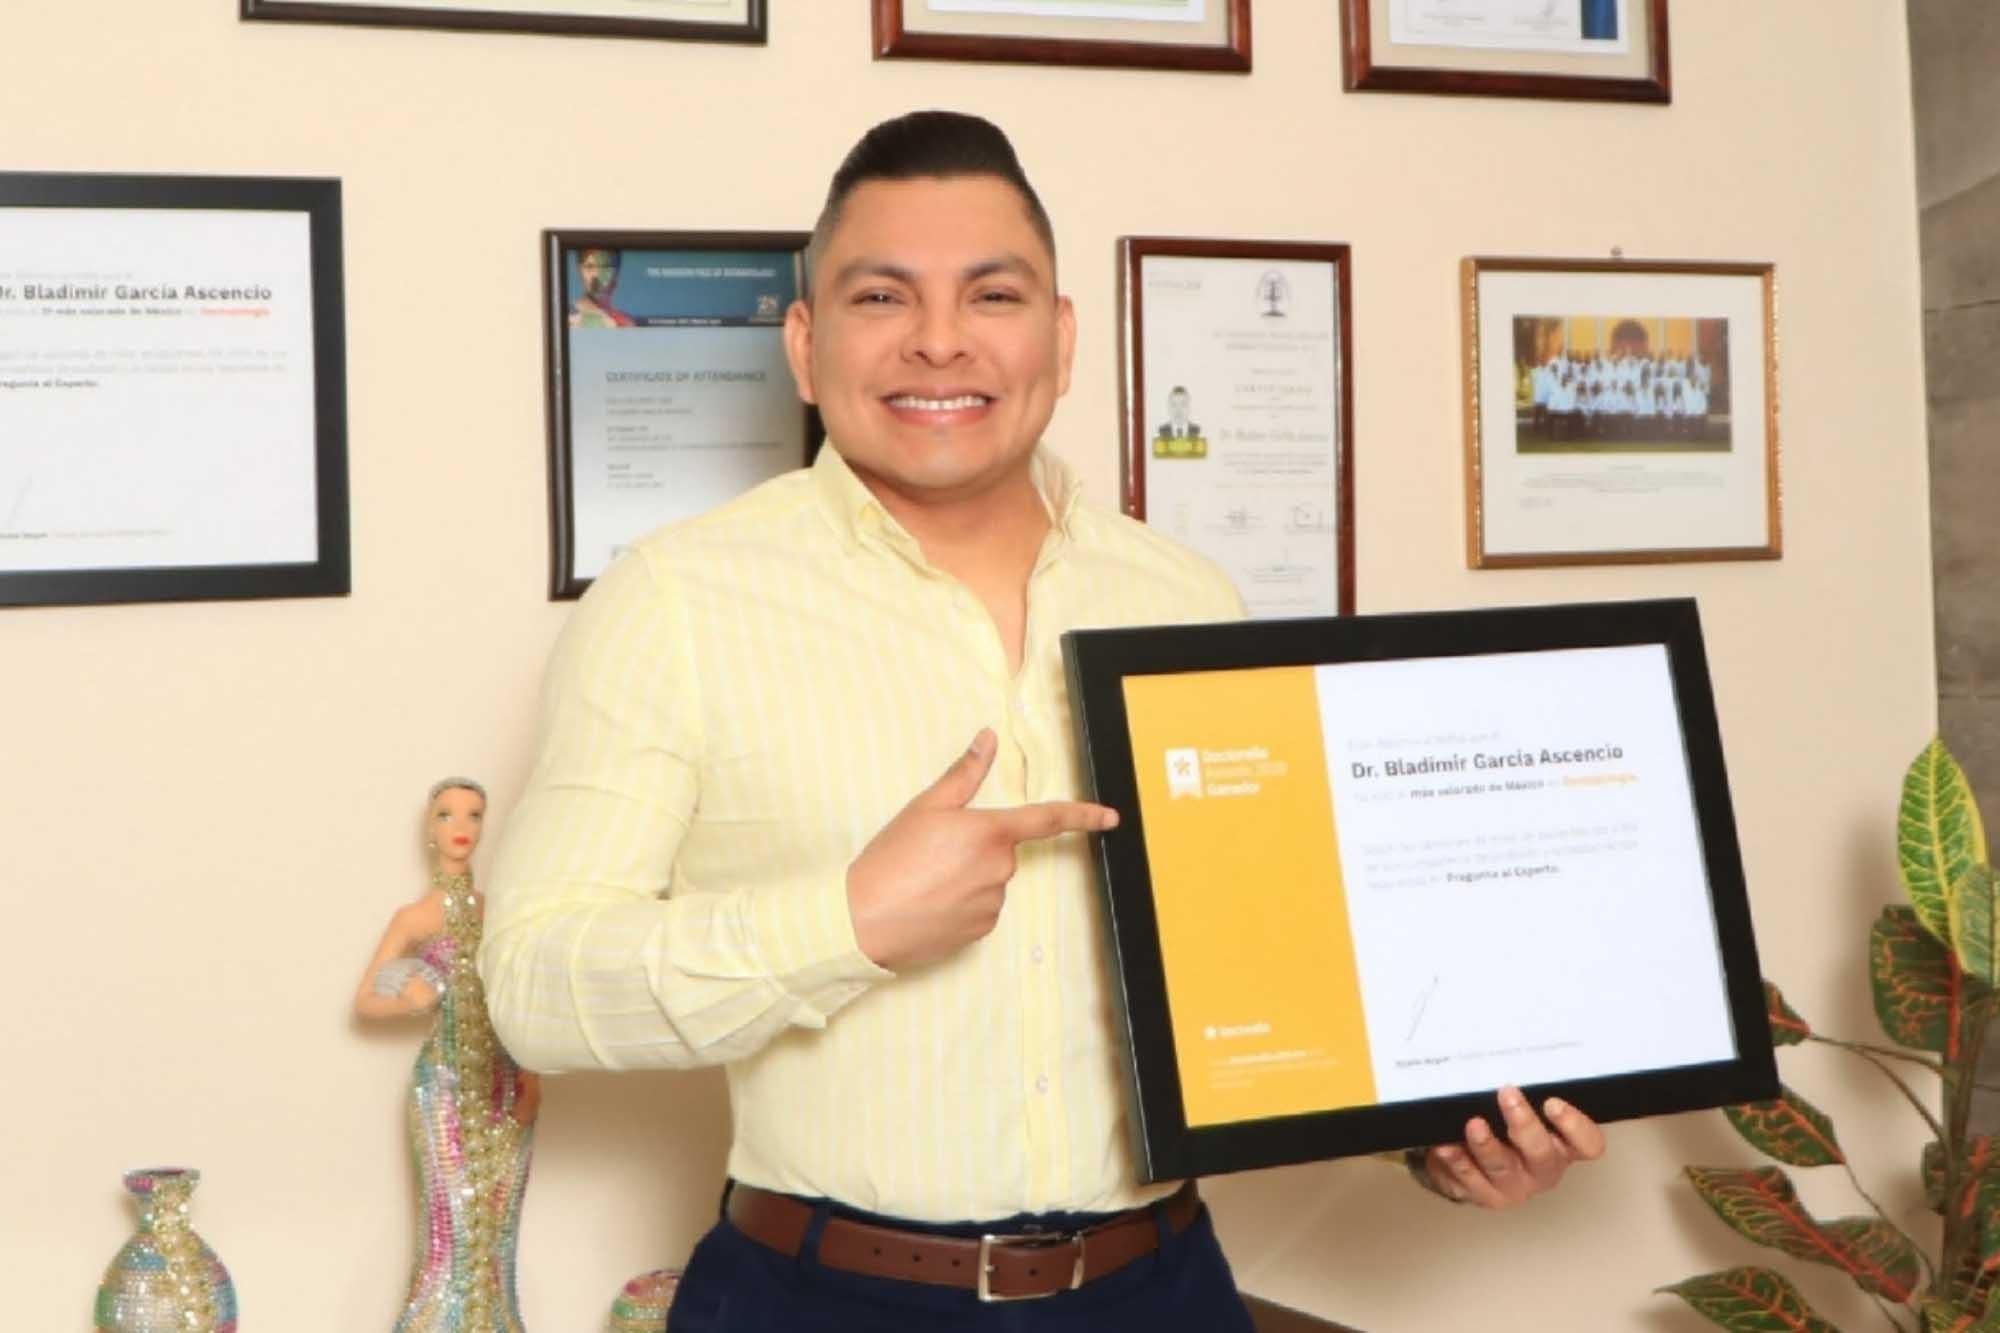 Dr. Bladimir Sánchez